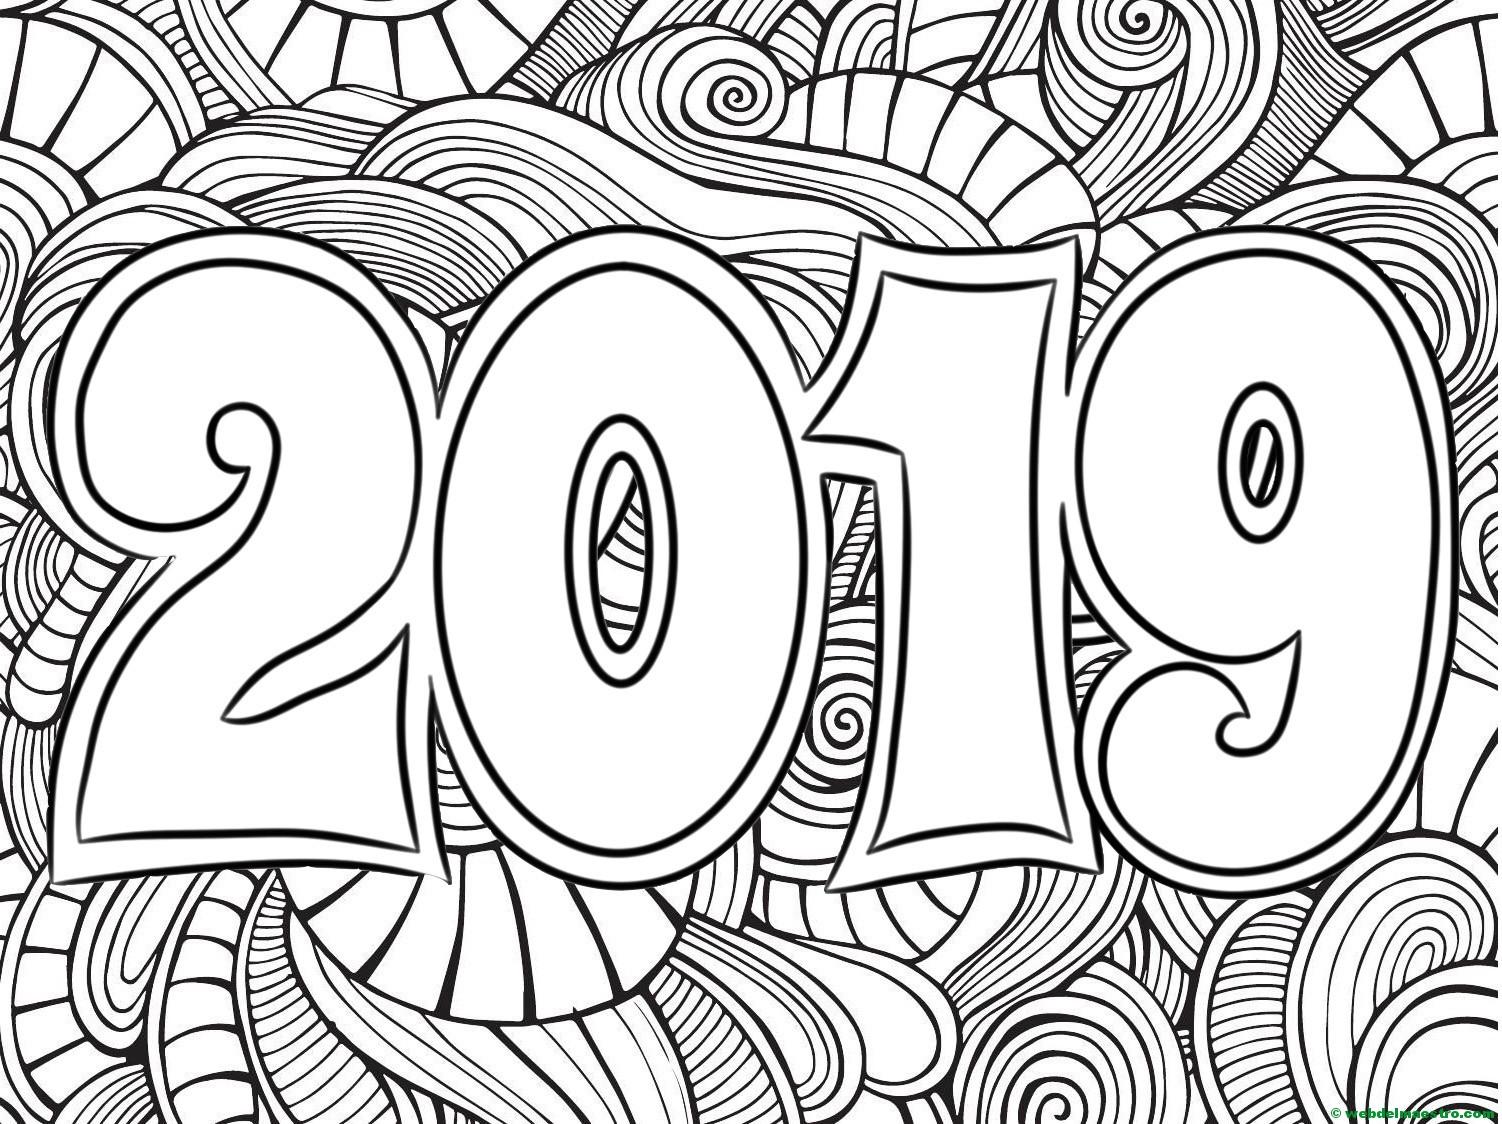 Dibujos para colorear | Dibujos de 2019   Web del maestro